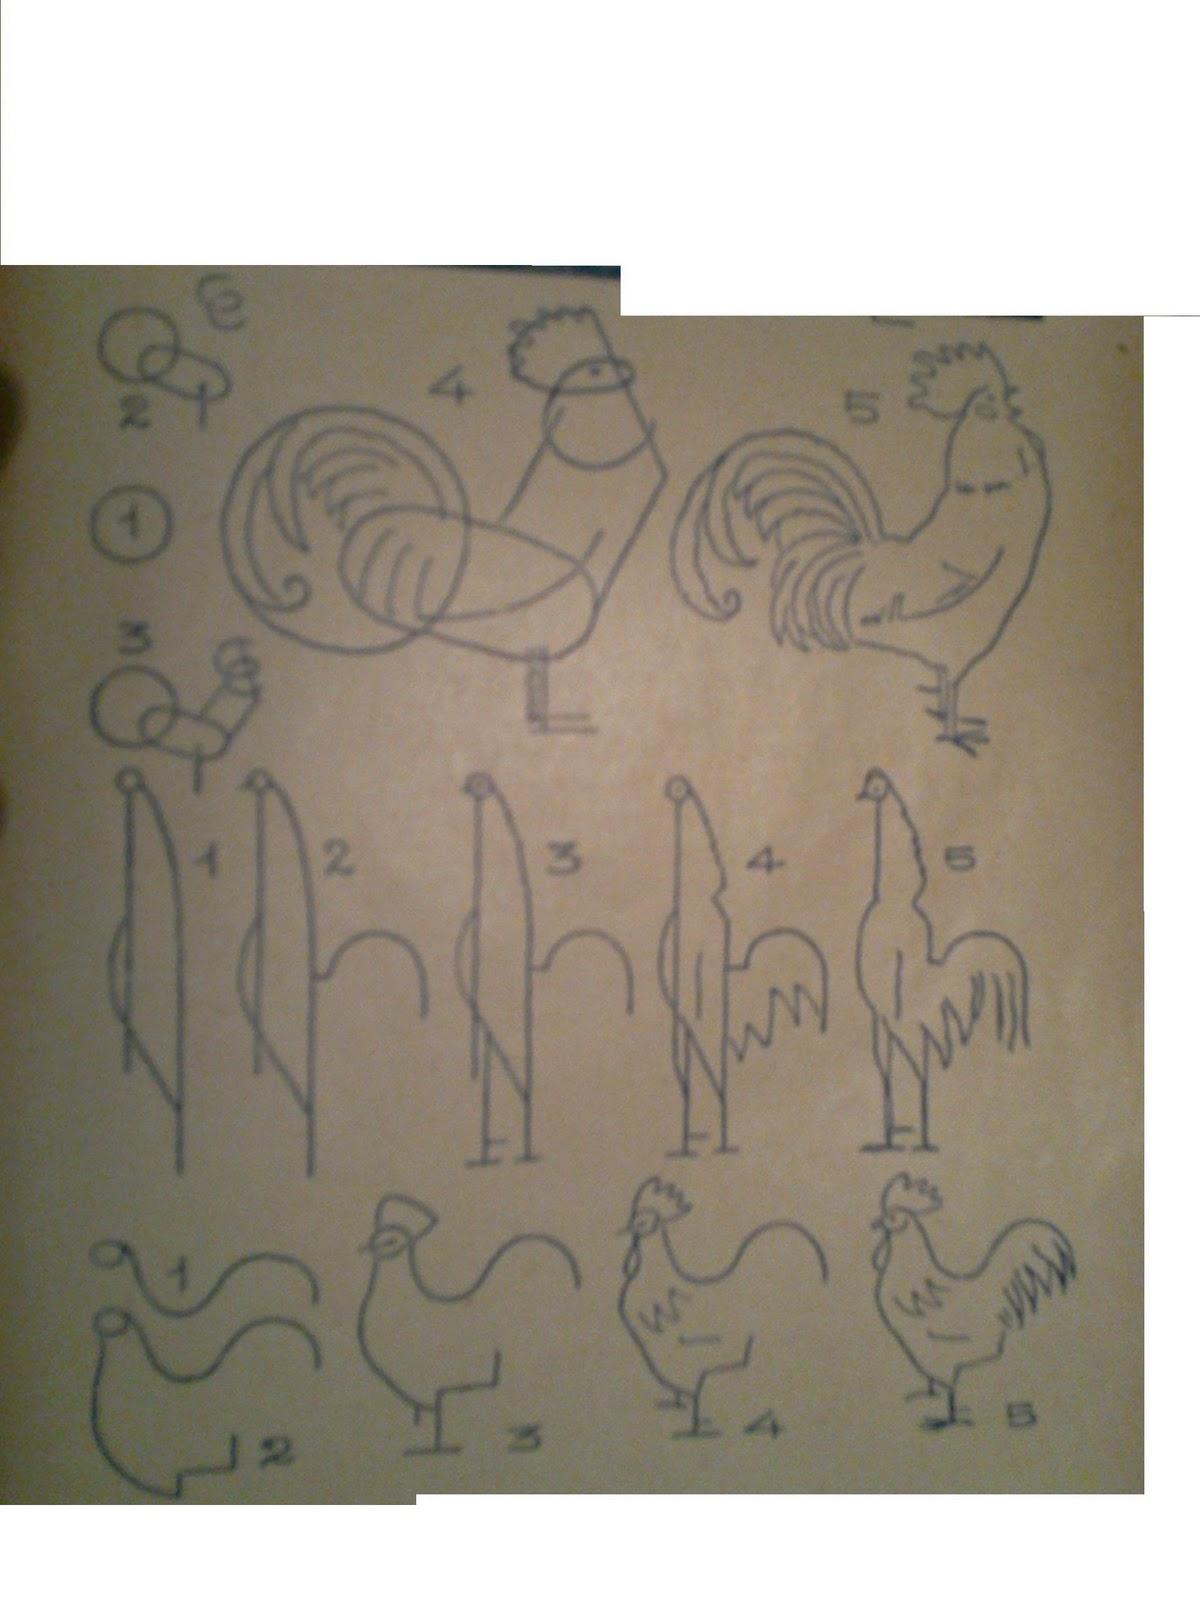 Dessins astuces pour debutants dessiner un coq poule et poussin - Coq a dessiner ...